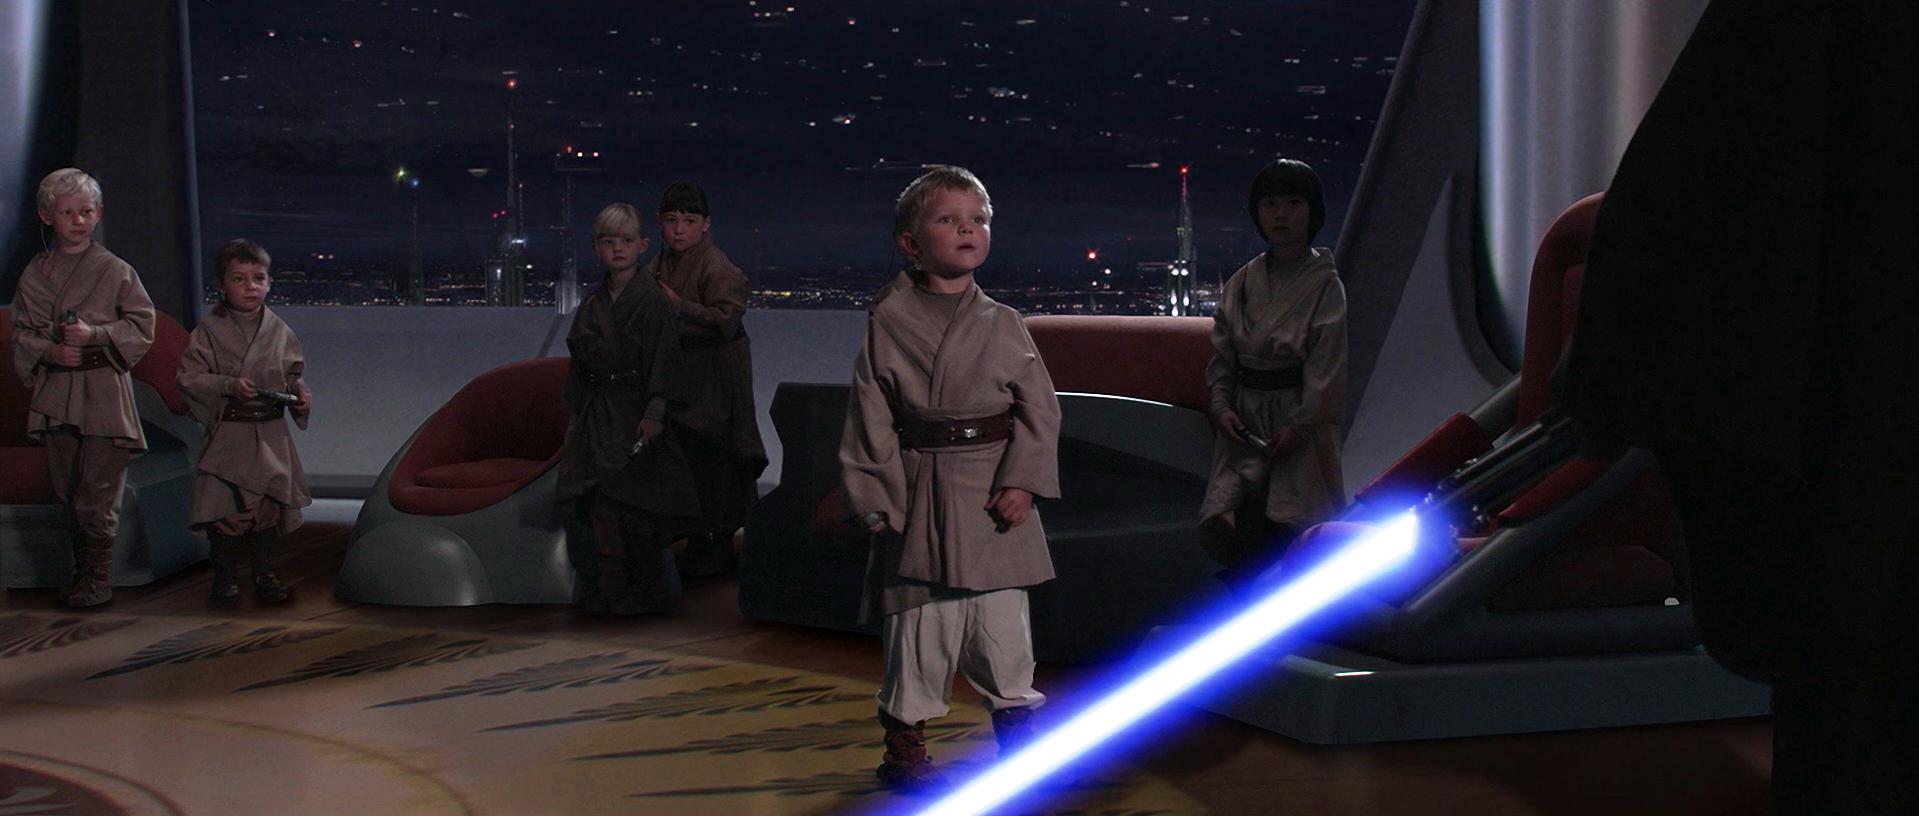 10 Unpainted Luke Skywalker Jedi Blue Lightsabers Replacement Weapons Star Wars